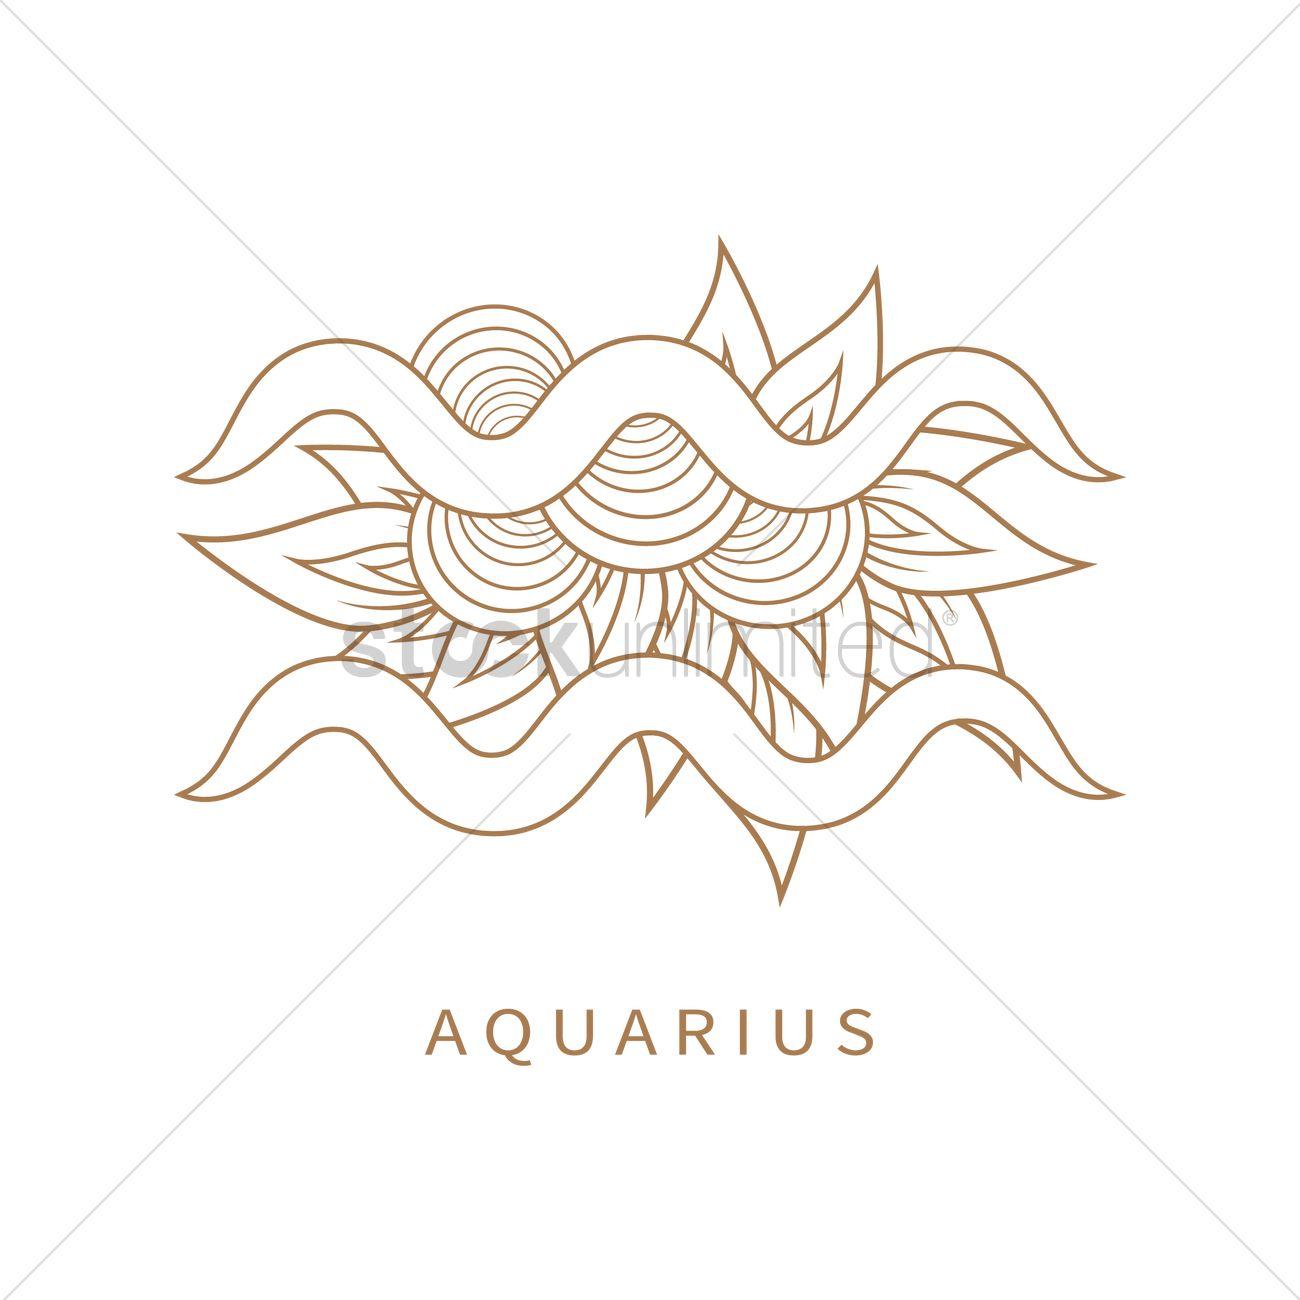 Aquarius Symbol Vector Image 1964286 Stockunlimited